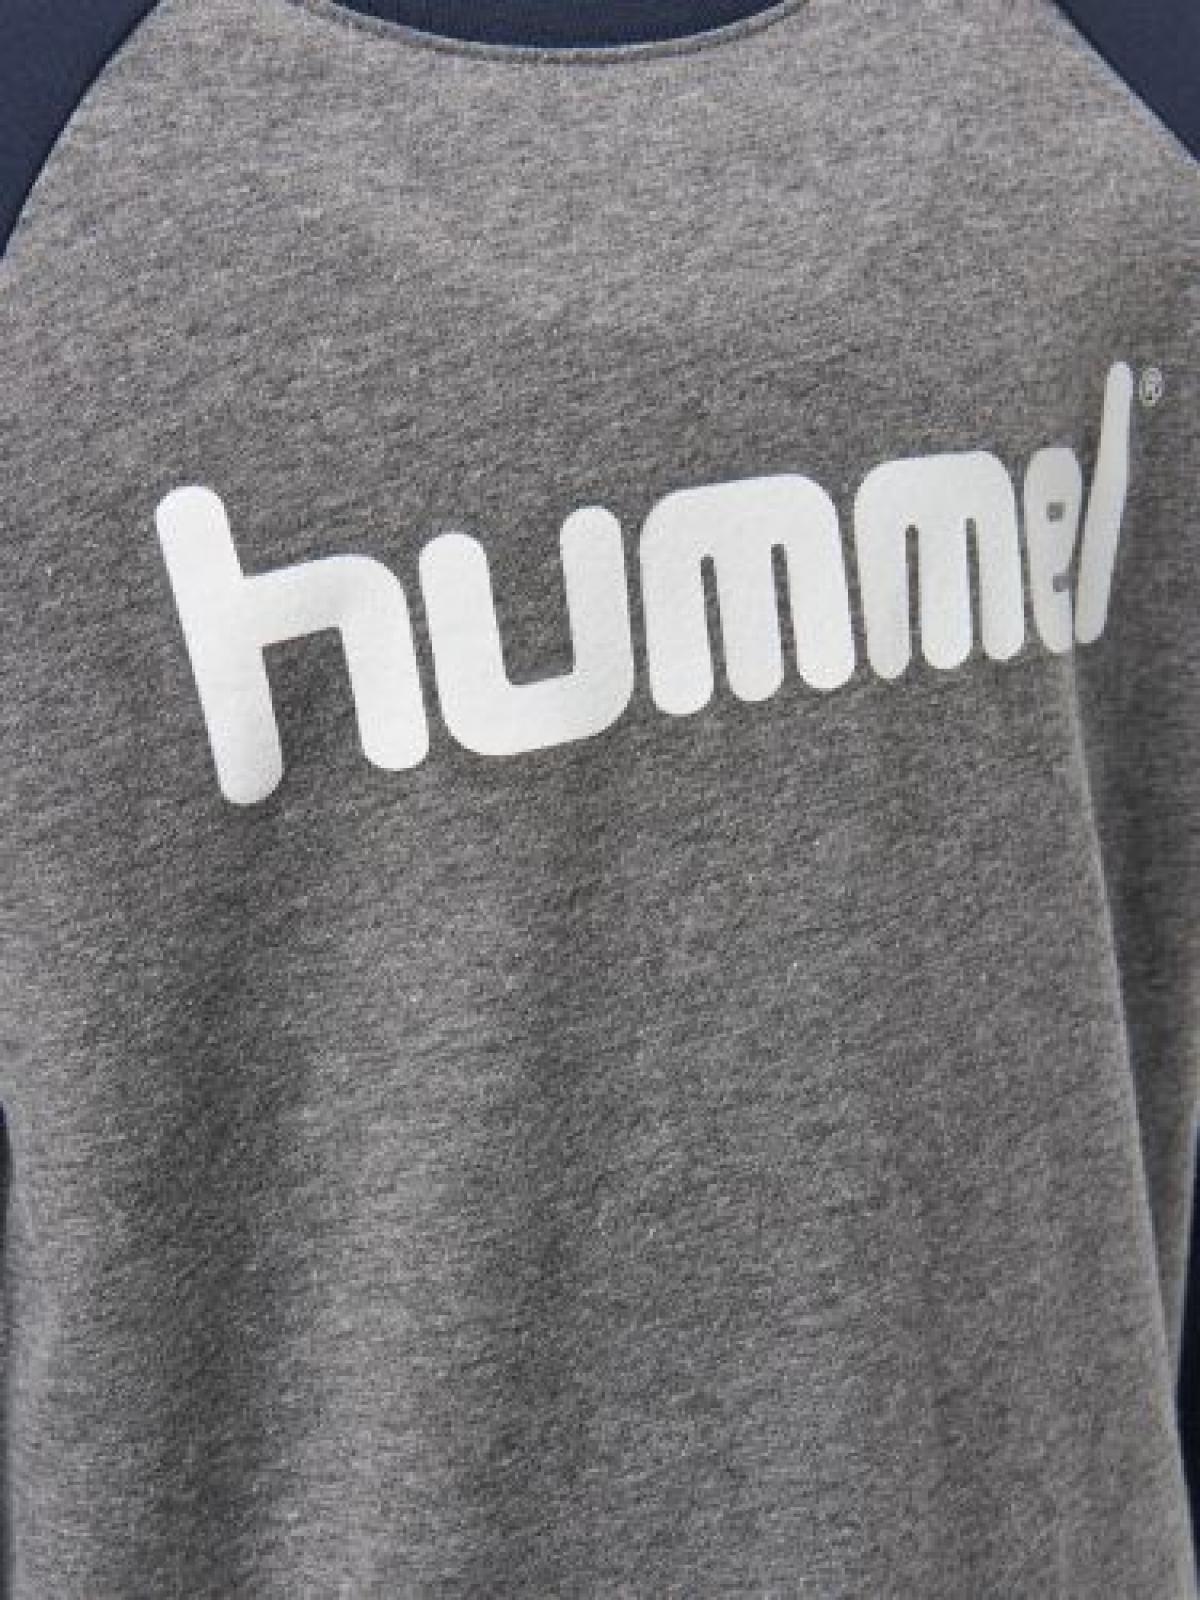 hummel vinterjakke tilbud børn, Hummel Overdele T shirts